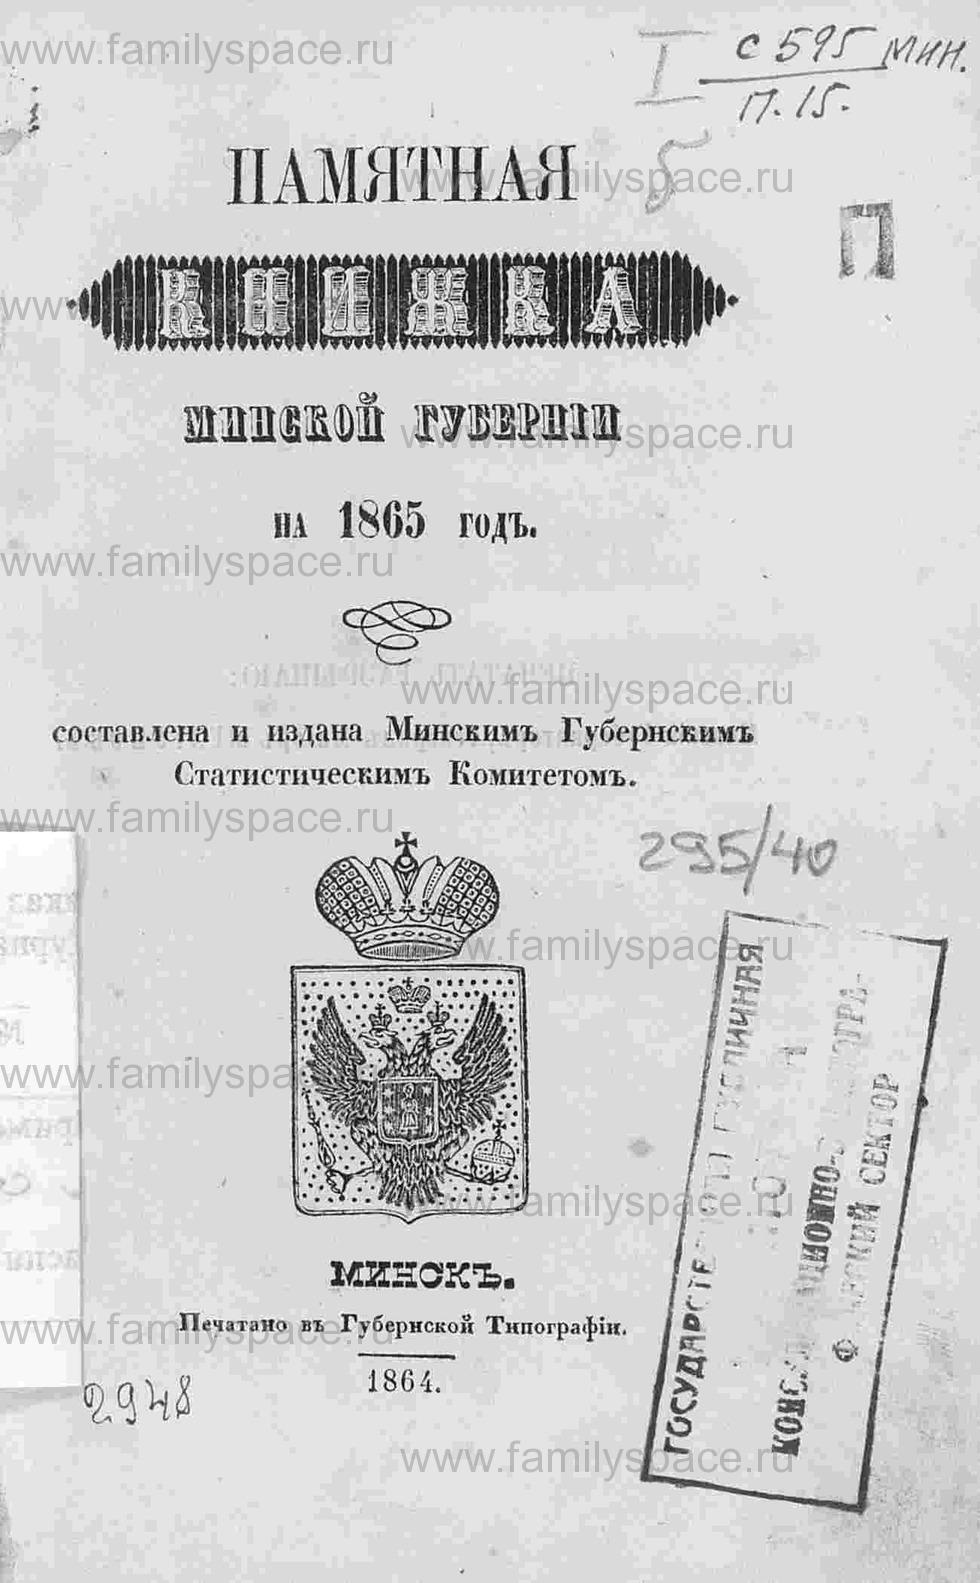 Поиск по фамилии - Памятная книжка Минской губернии на 1865 год, страница 2